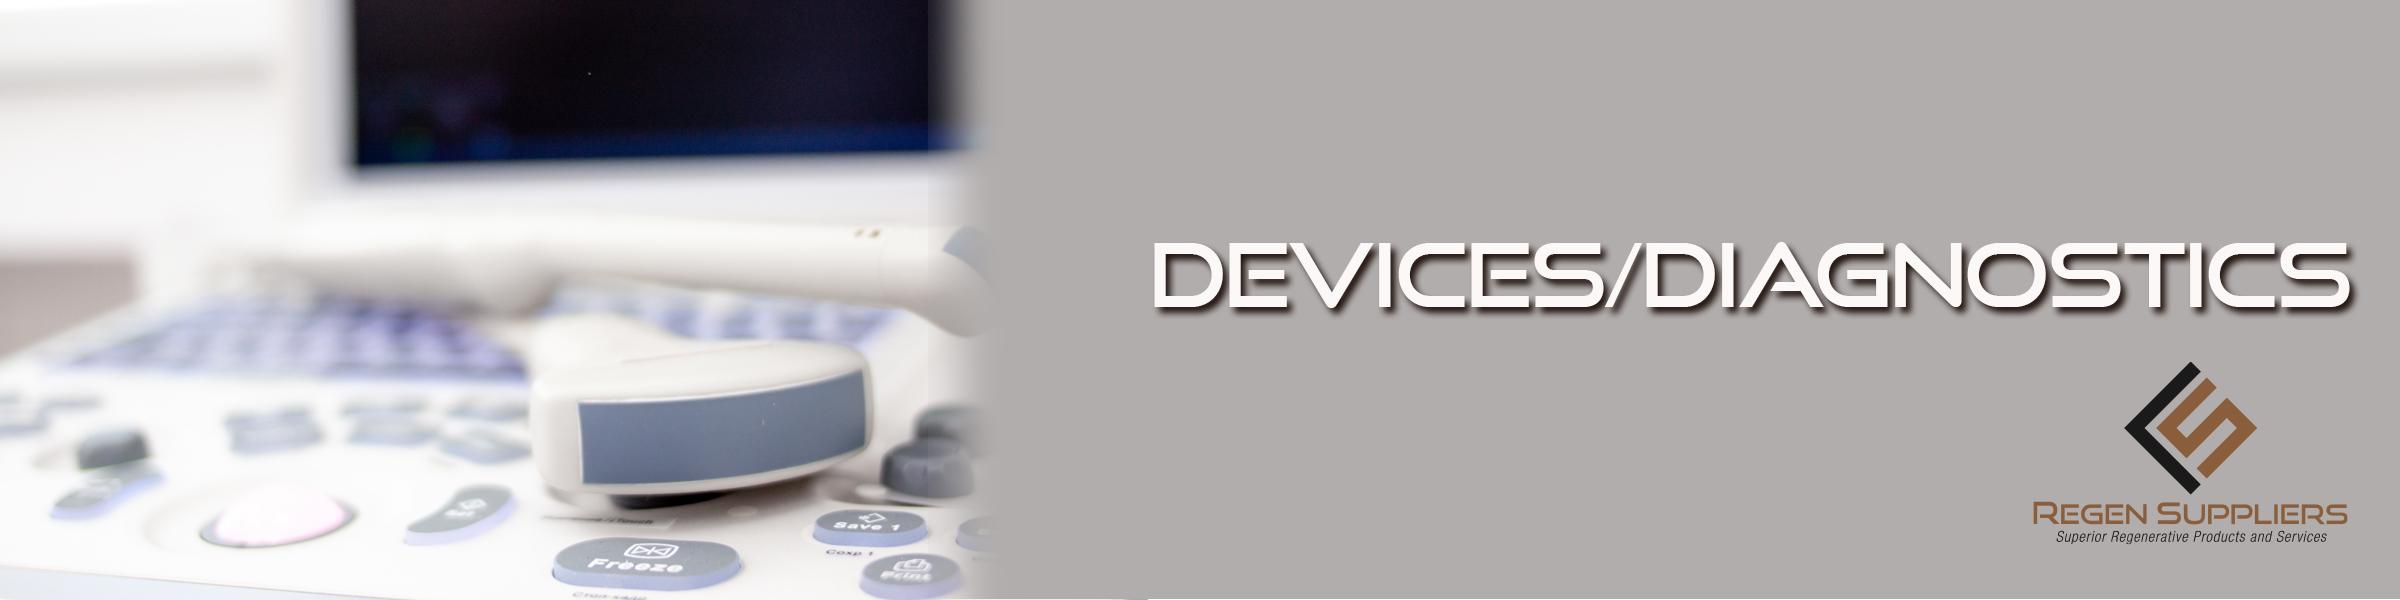 Devices/Diagnostics